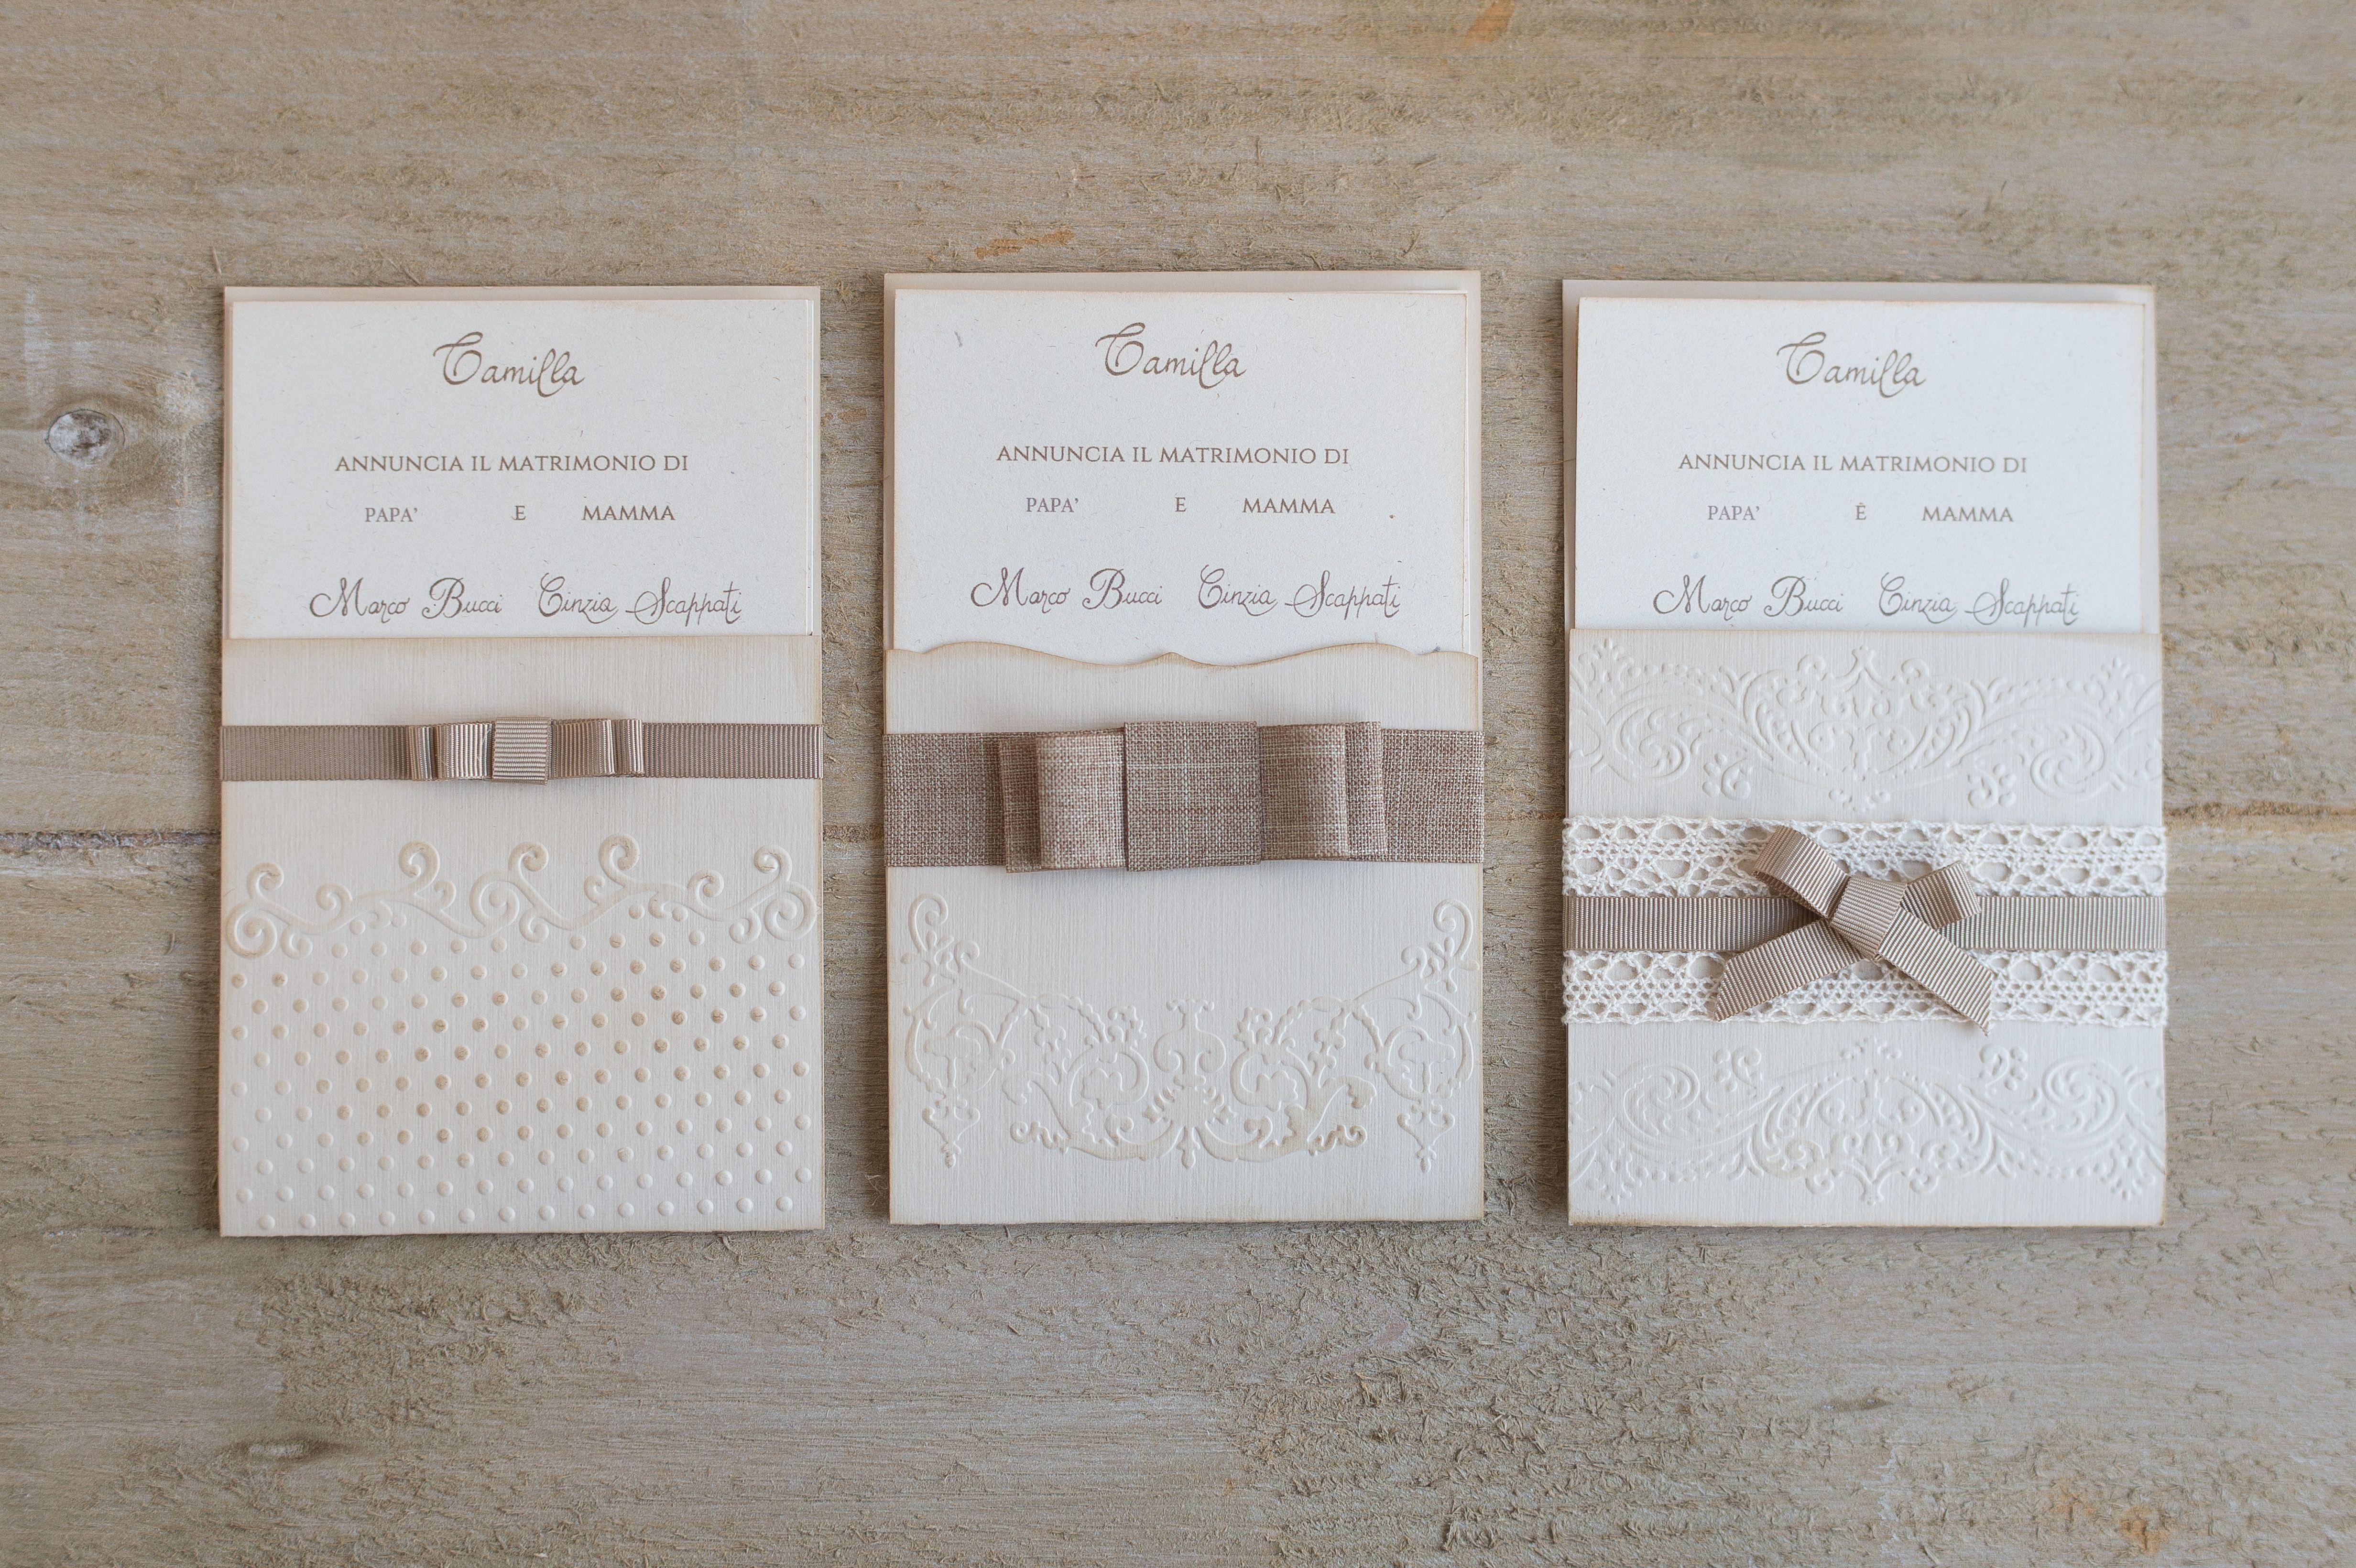 Pin Di Giella Palombella Su Matrimoni Inviti Matrimonio Vintage Partecipazioni Nozze Partecipazioni Matrimonio Fai Da Te Semplici